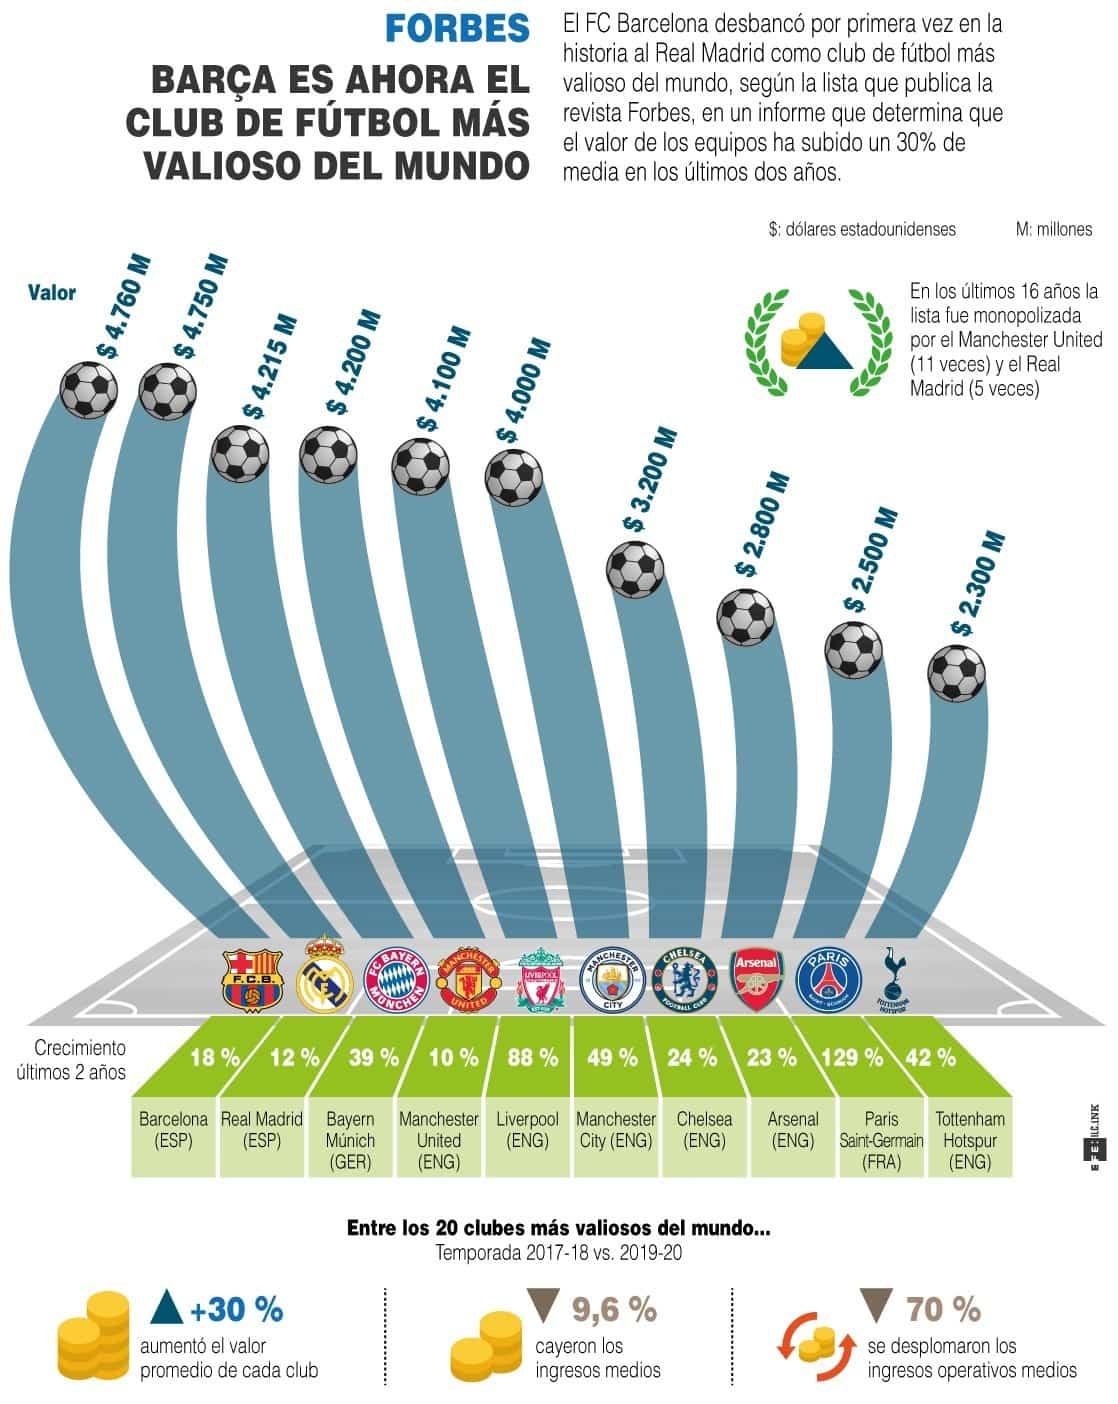 [Infografía] - El Barça desbanca al R. Madrid, como club más valioso del mundo, según Forbes 1